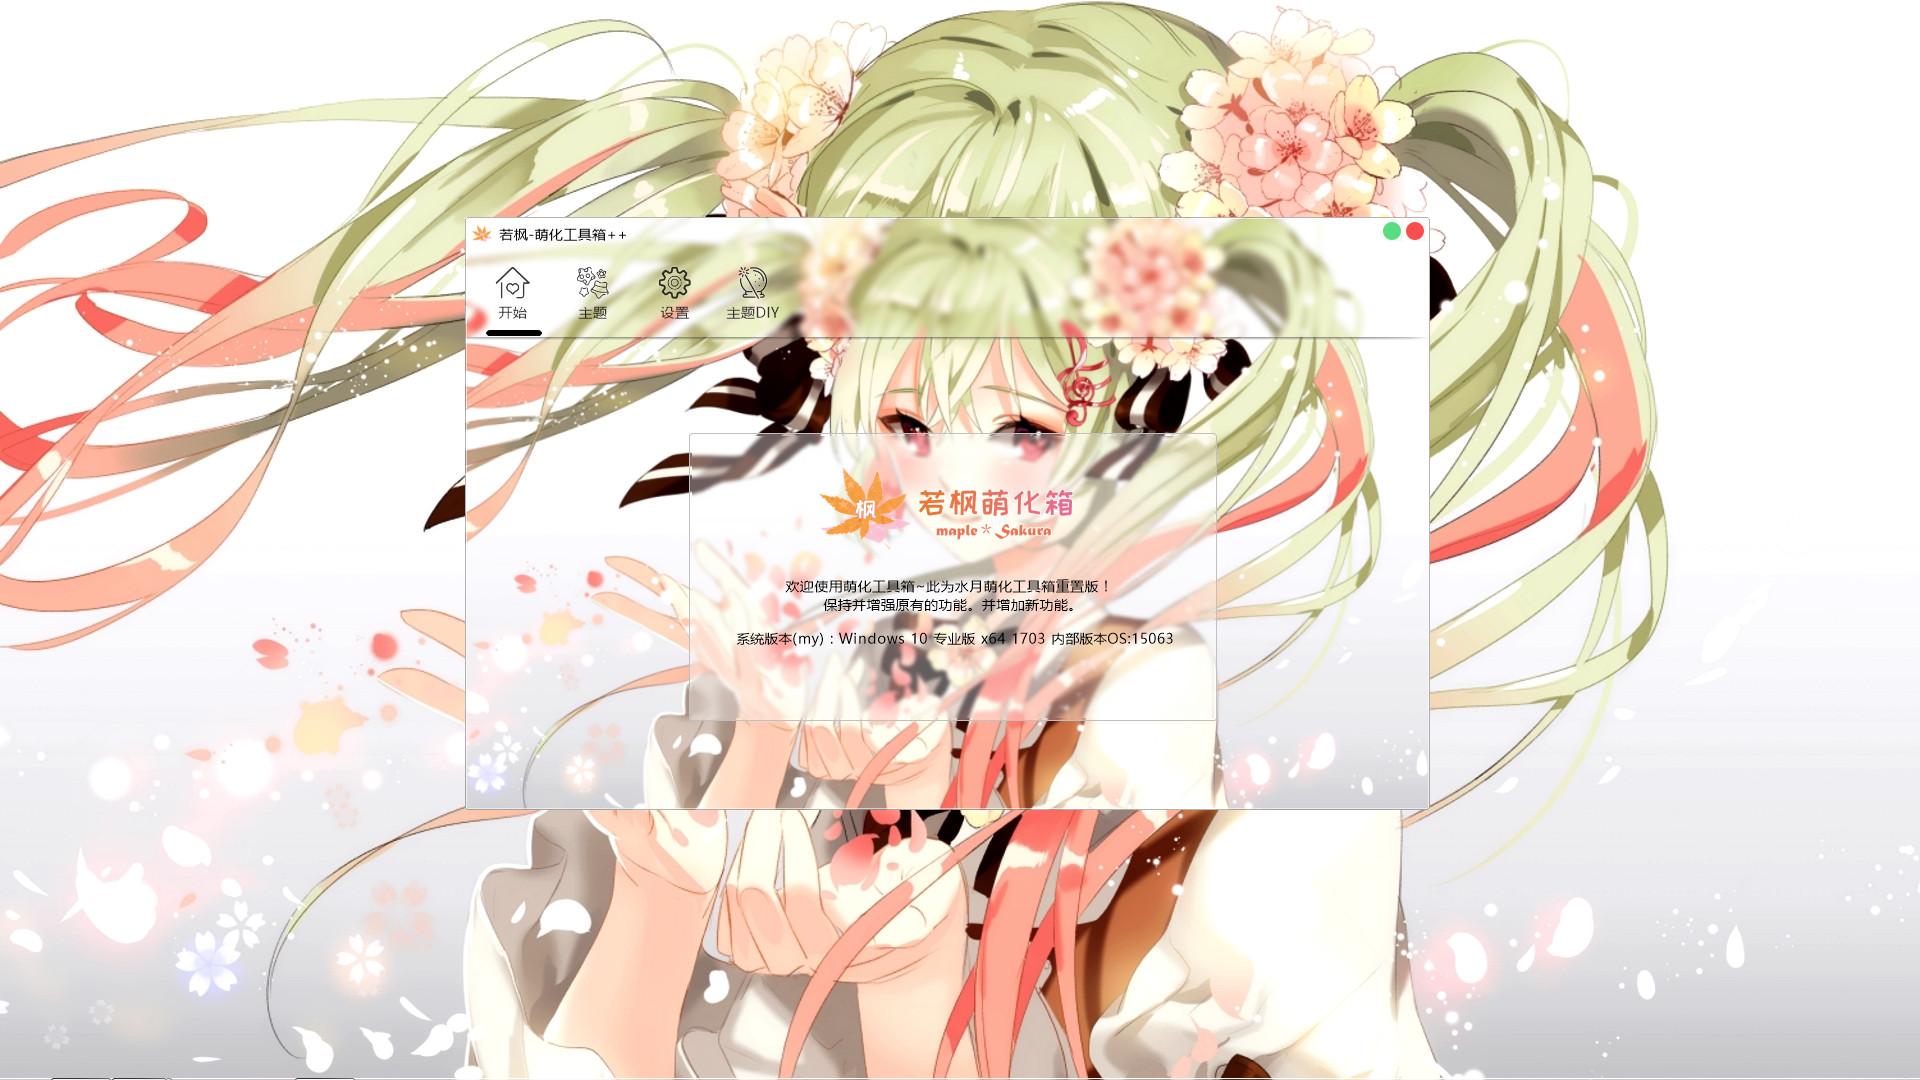 【2.15更新重置版】若枫萌化箱 — win10主题工具箱 v1.5.5